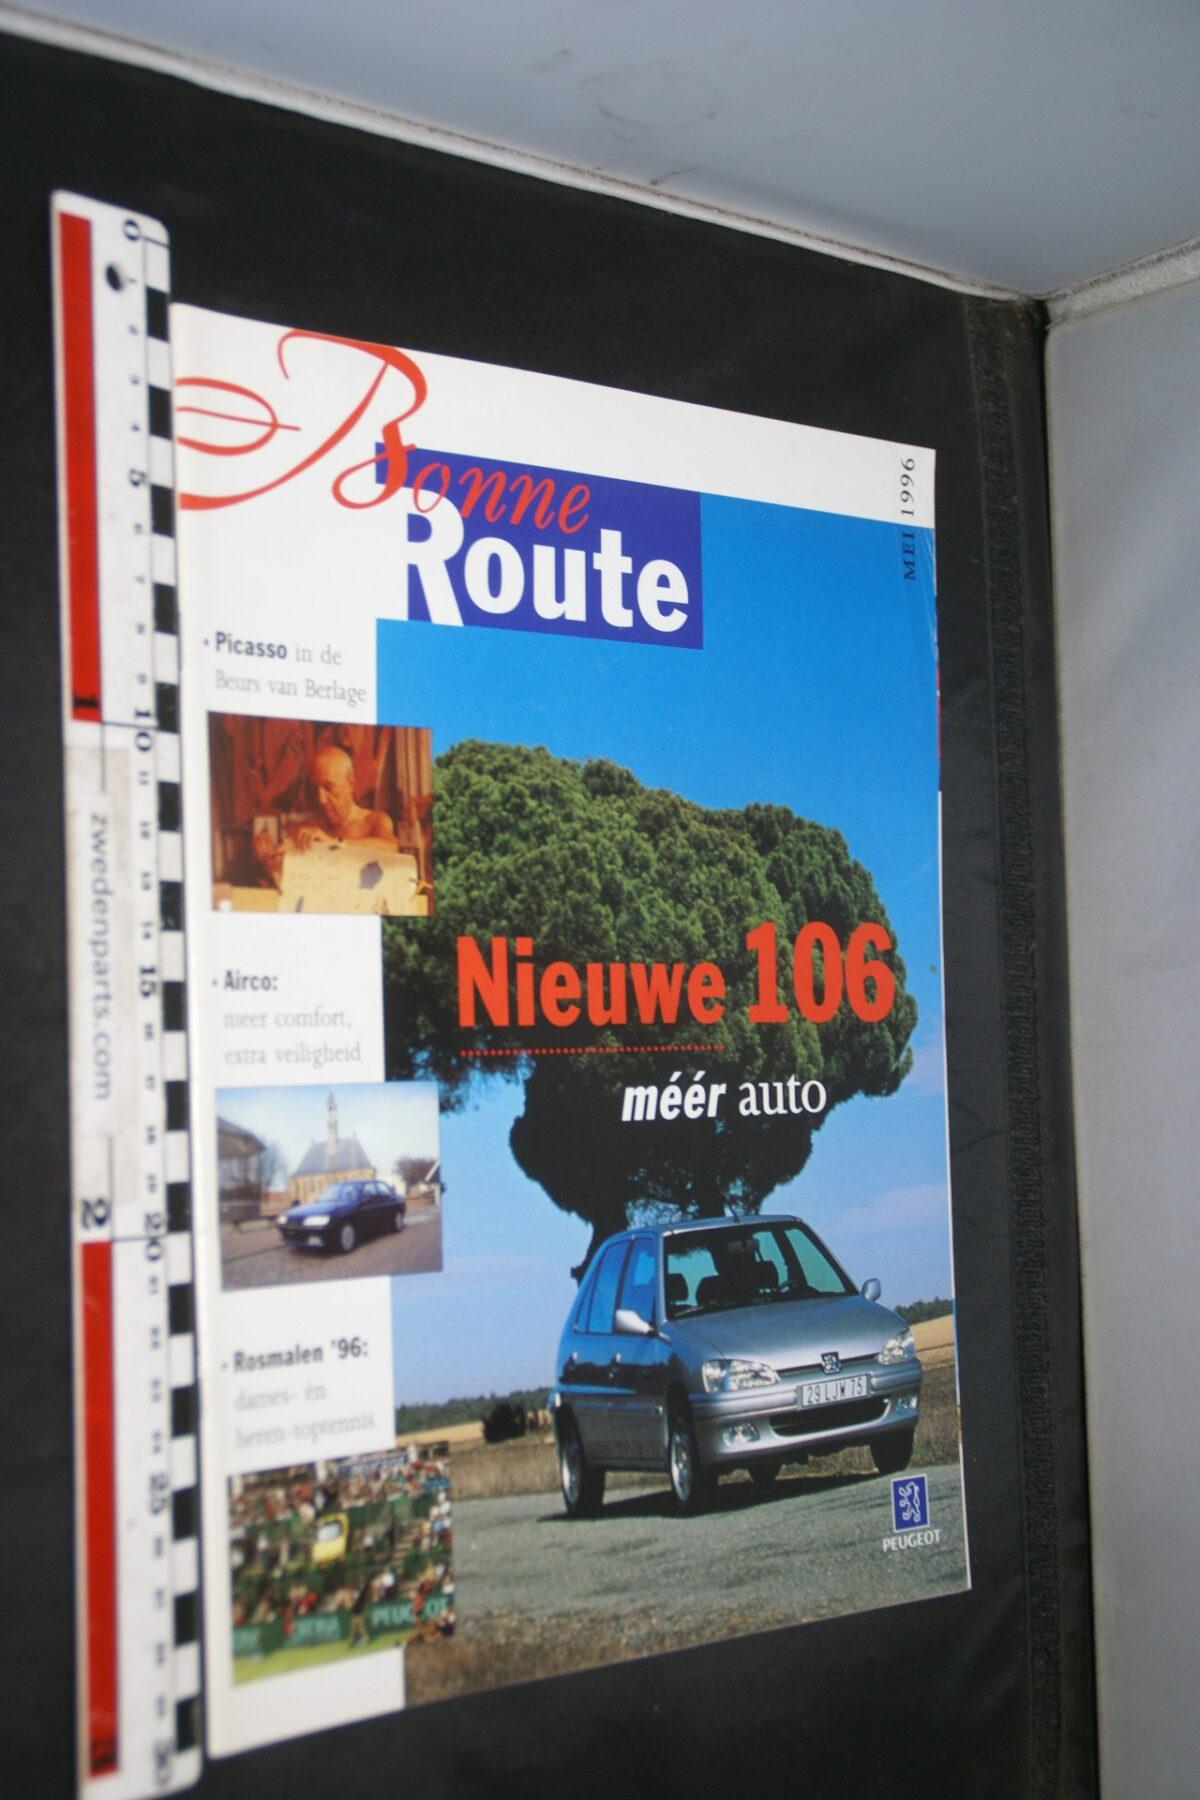 DSC08379 origineel tijdschrift Bonne Route met Renault 106-f0ff4785